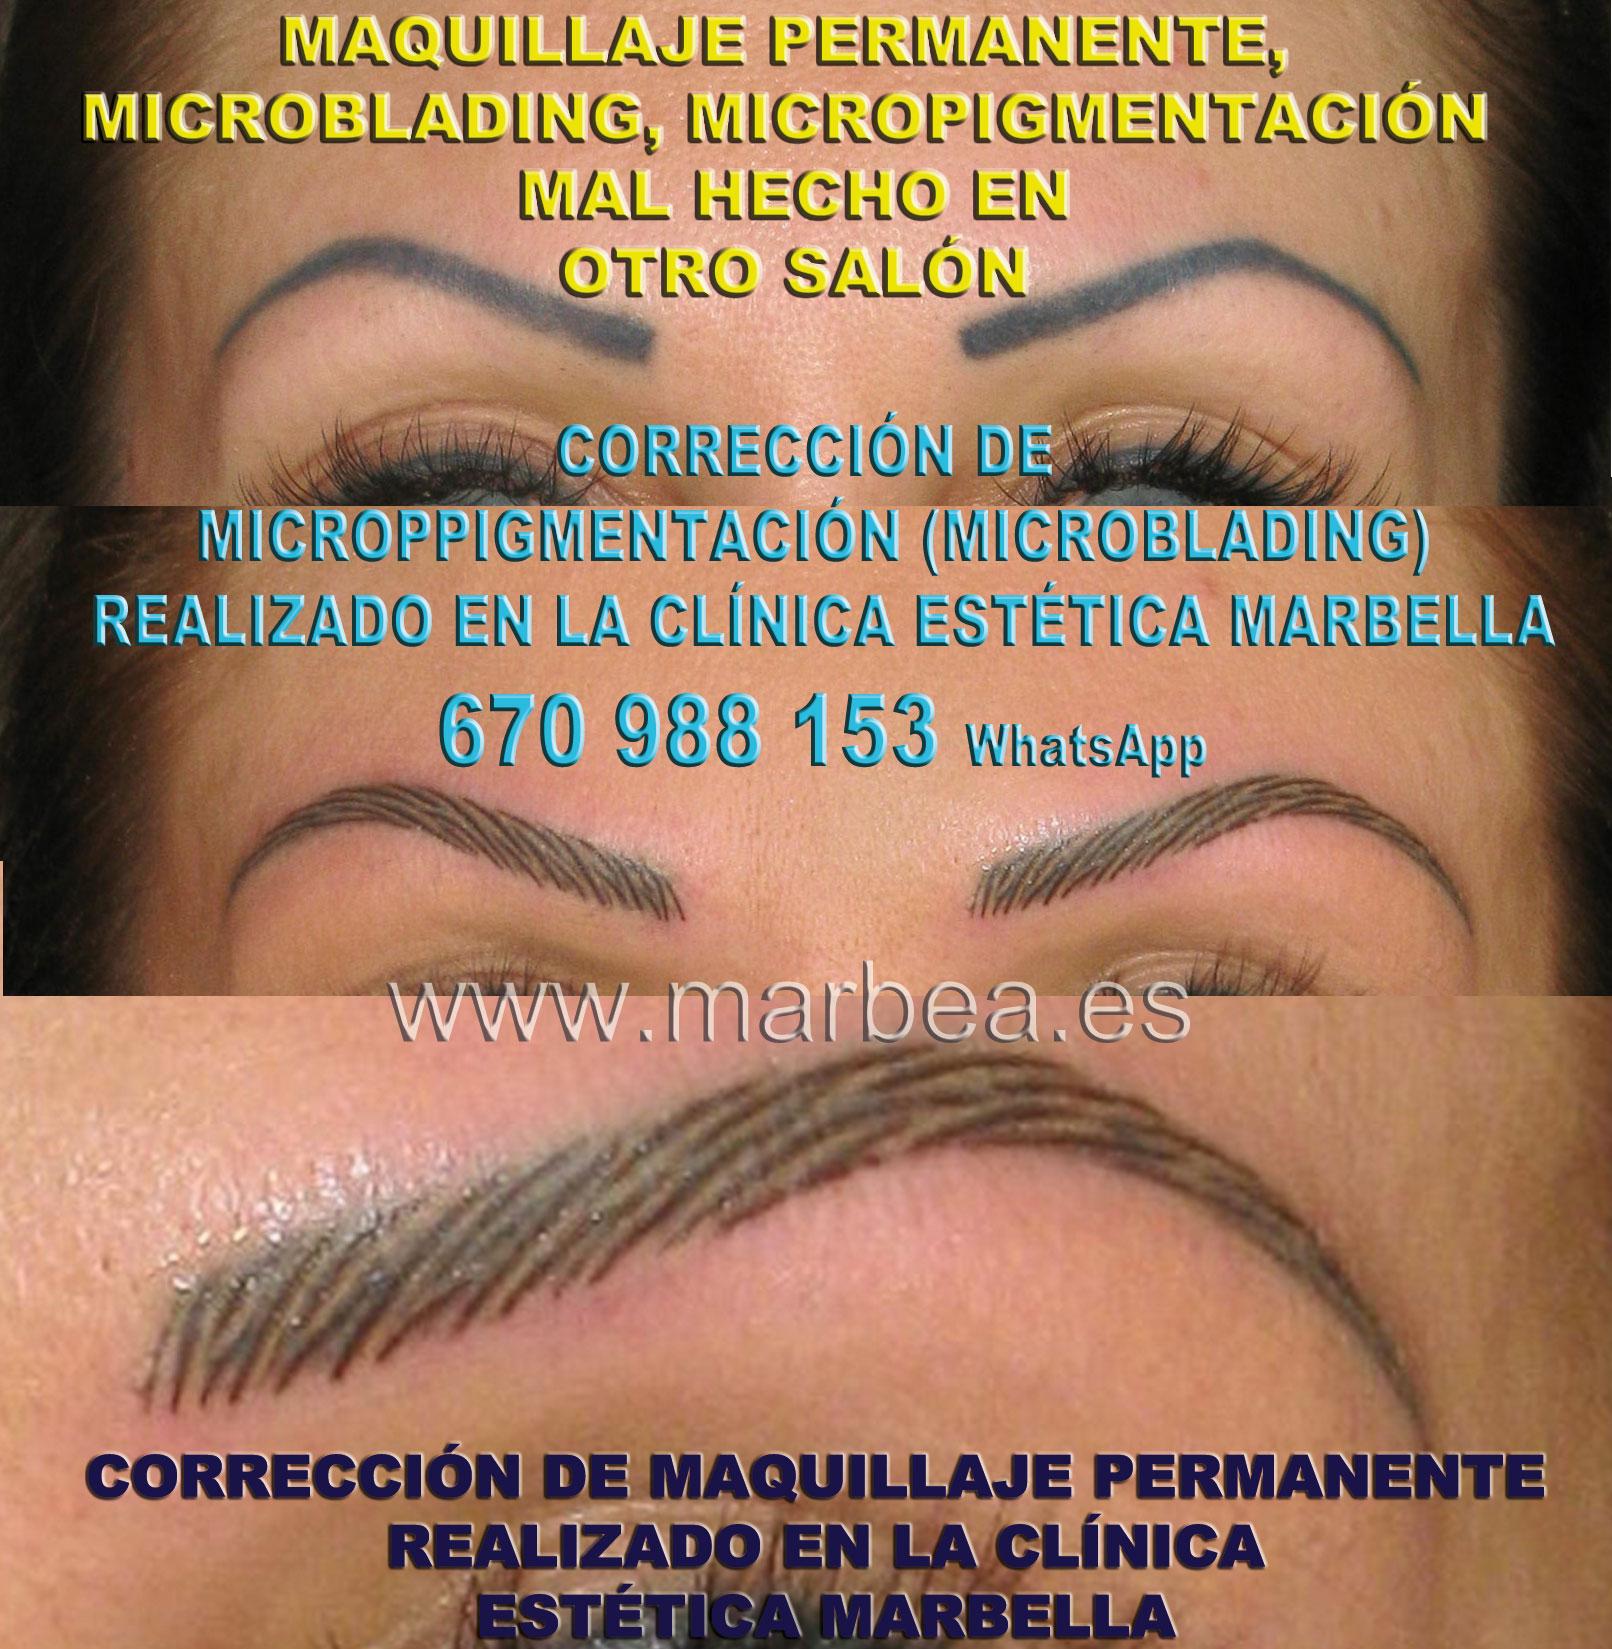 ELIMINAR LA MICROPIGMENTACIÓN DE CEJAS MAL HECHAS clínica estética maquillaje permanete ofrenda corrección de micropigmentación en cejas,corregir micropigmentación mal hecha en Marbella or Málaga.